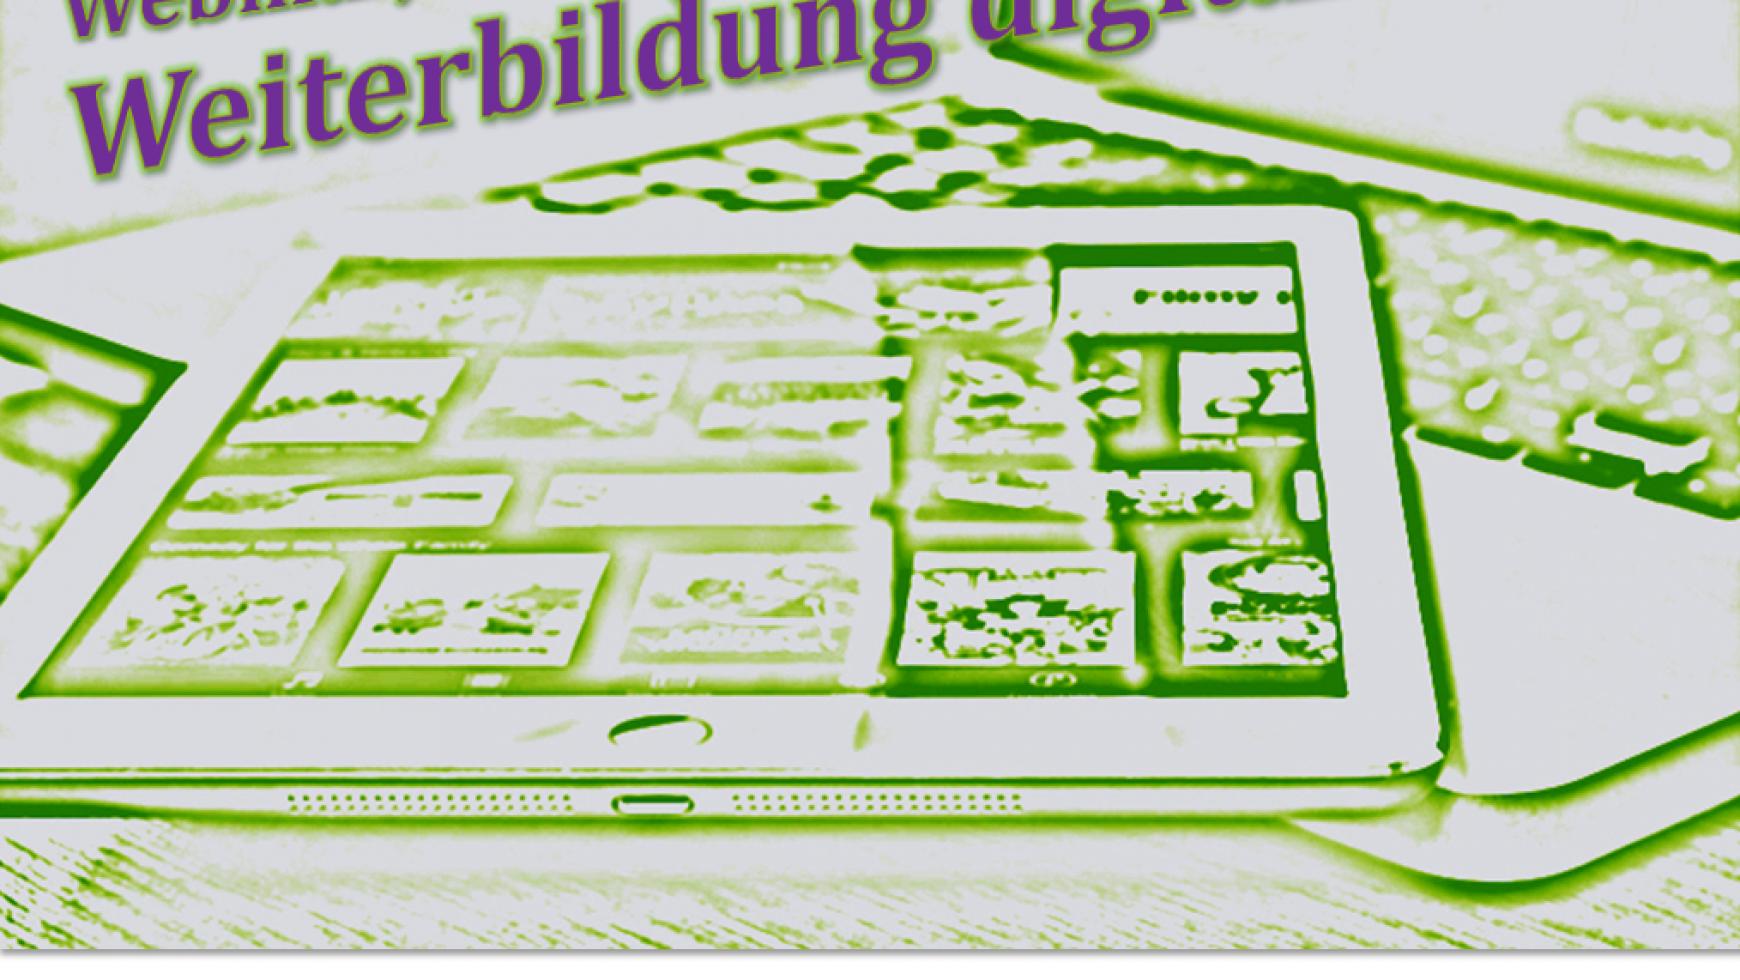 Webinar – Weiterbildung digital, 29.02.2016, 15:00 – 17:00 Uhr